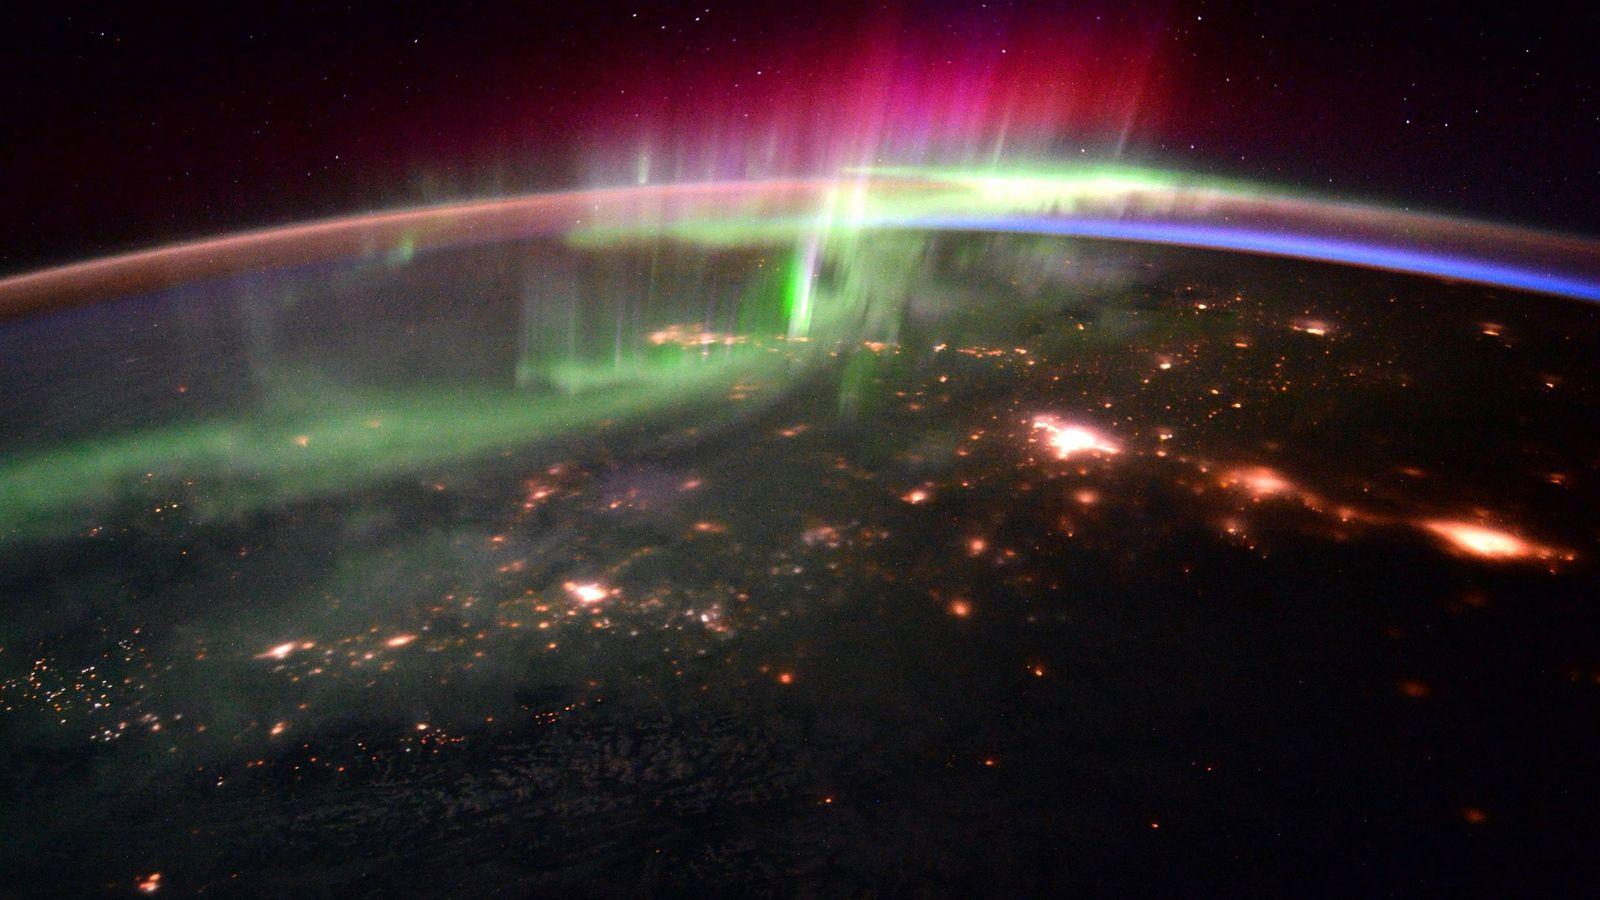 L'interaction des vents solaires avec le champ magnétique de notre planète produit de somptueux spectacles de ...